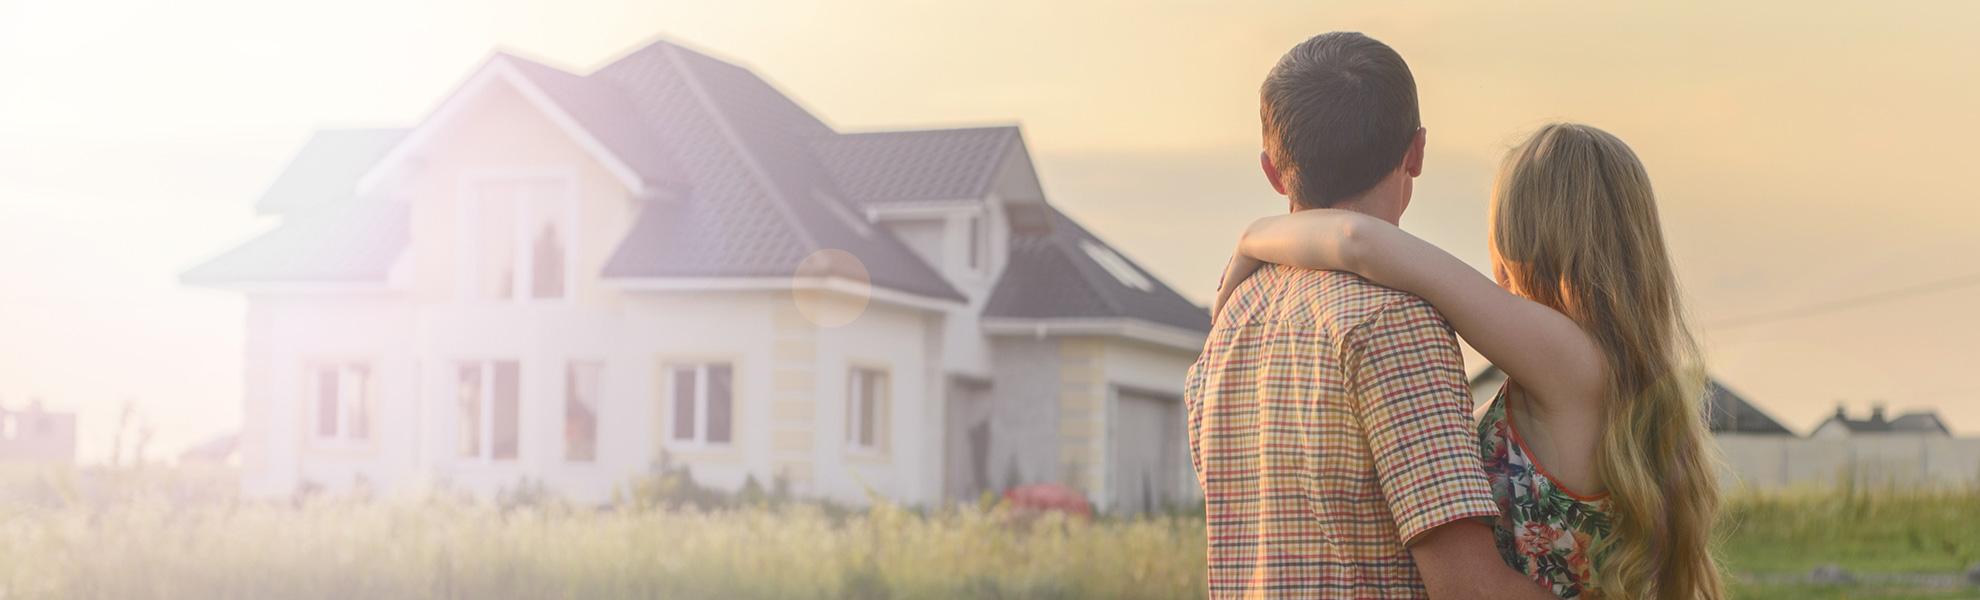 Immobilien H 228 User Bauen Renovieren Und Wohnen In